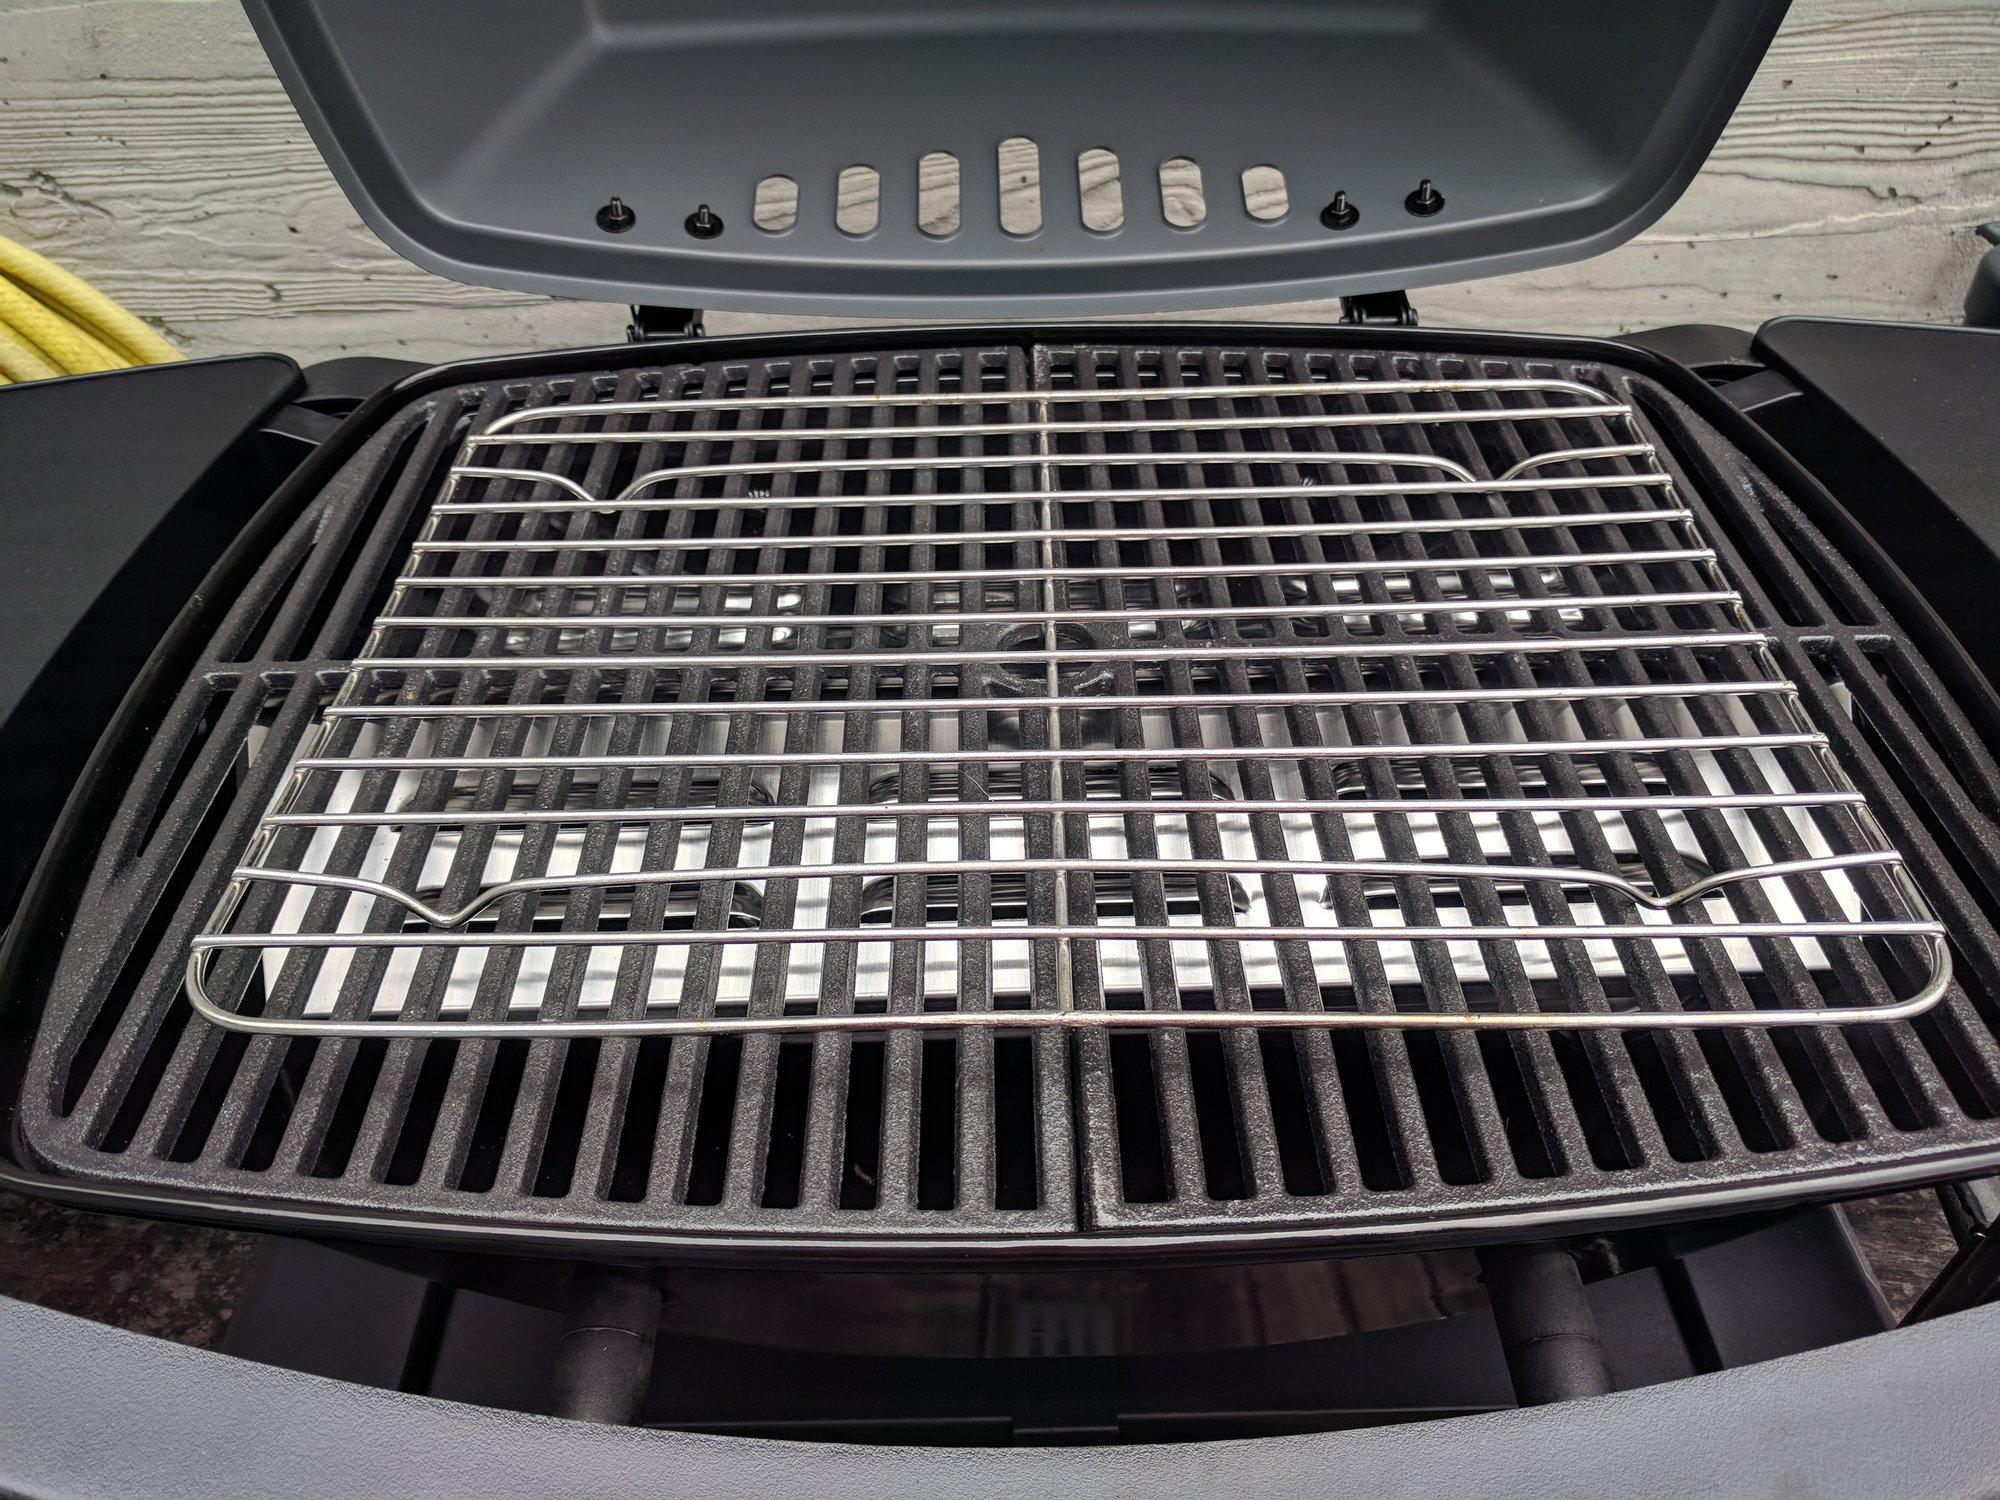 Tepro Toronto Holzkohlegrill Einbrennen : Fragen zum einbrennen meines neuen grills grillforum und bbq